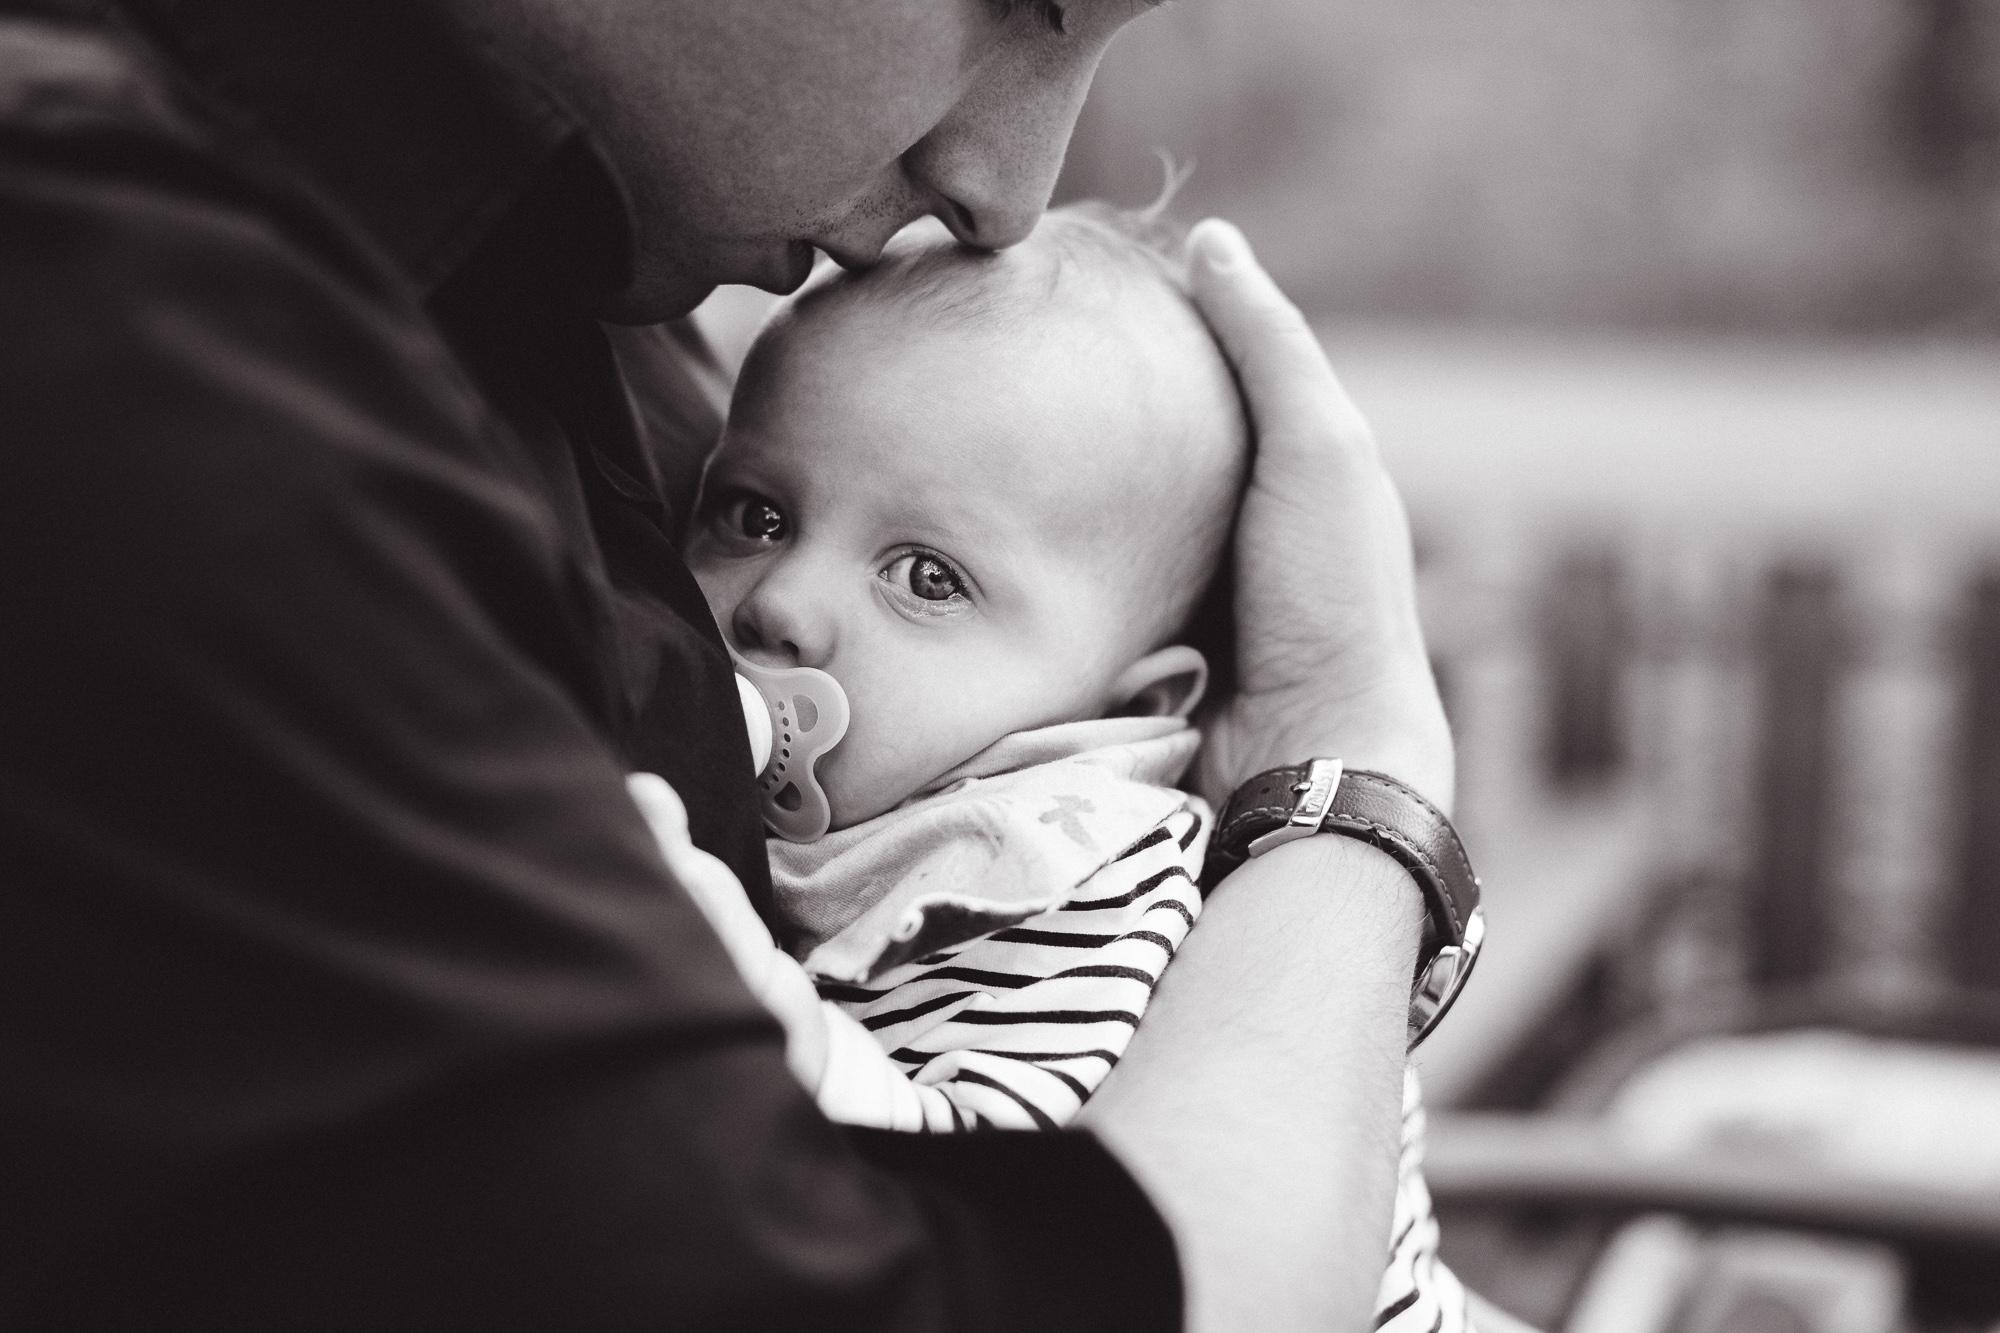 Papa-Baby-Arm-weinend-Kuss